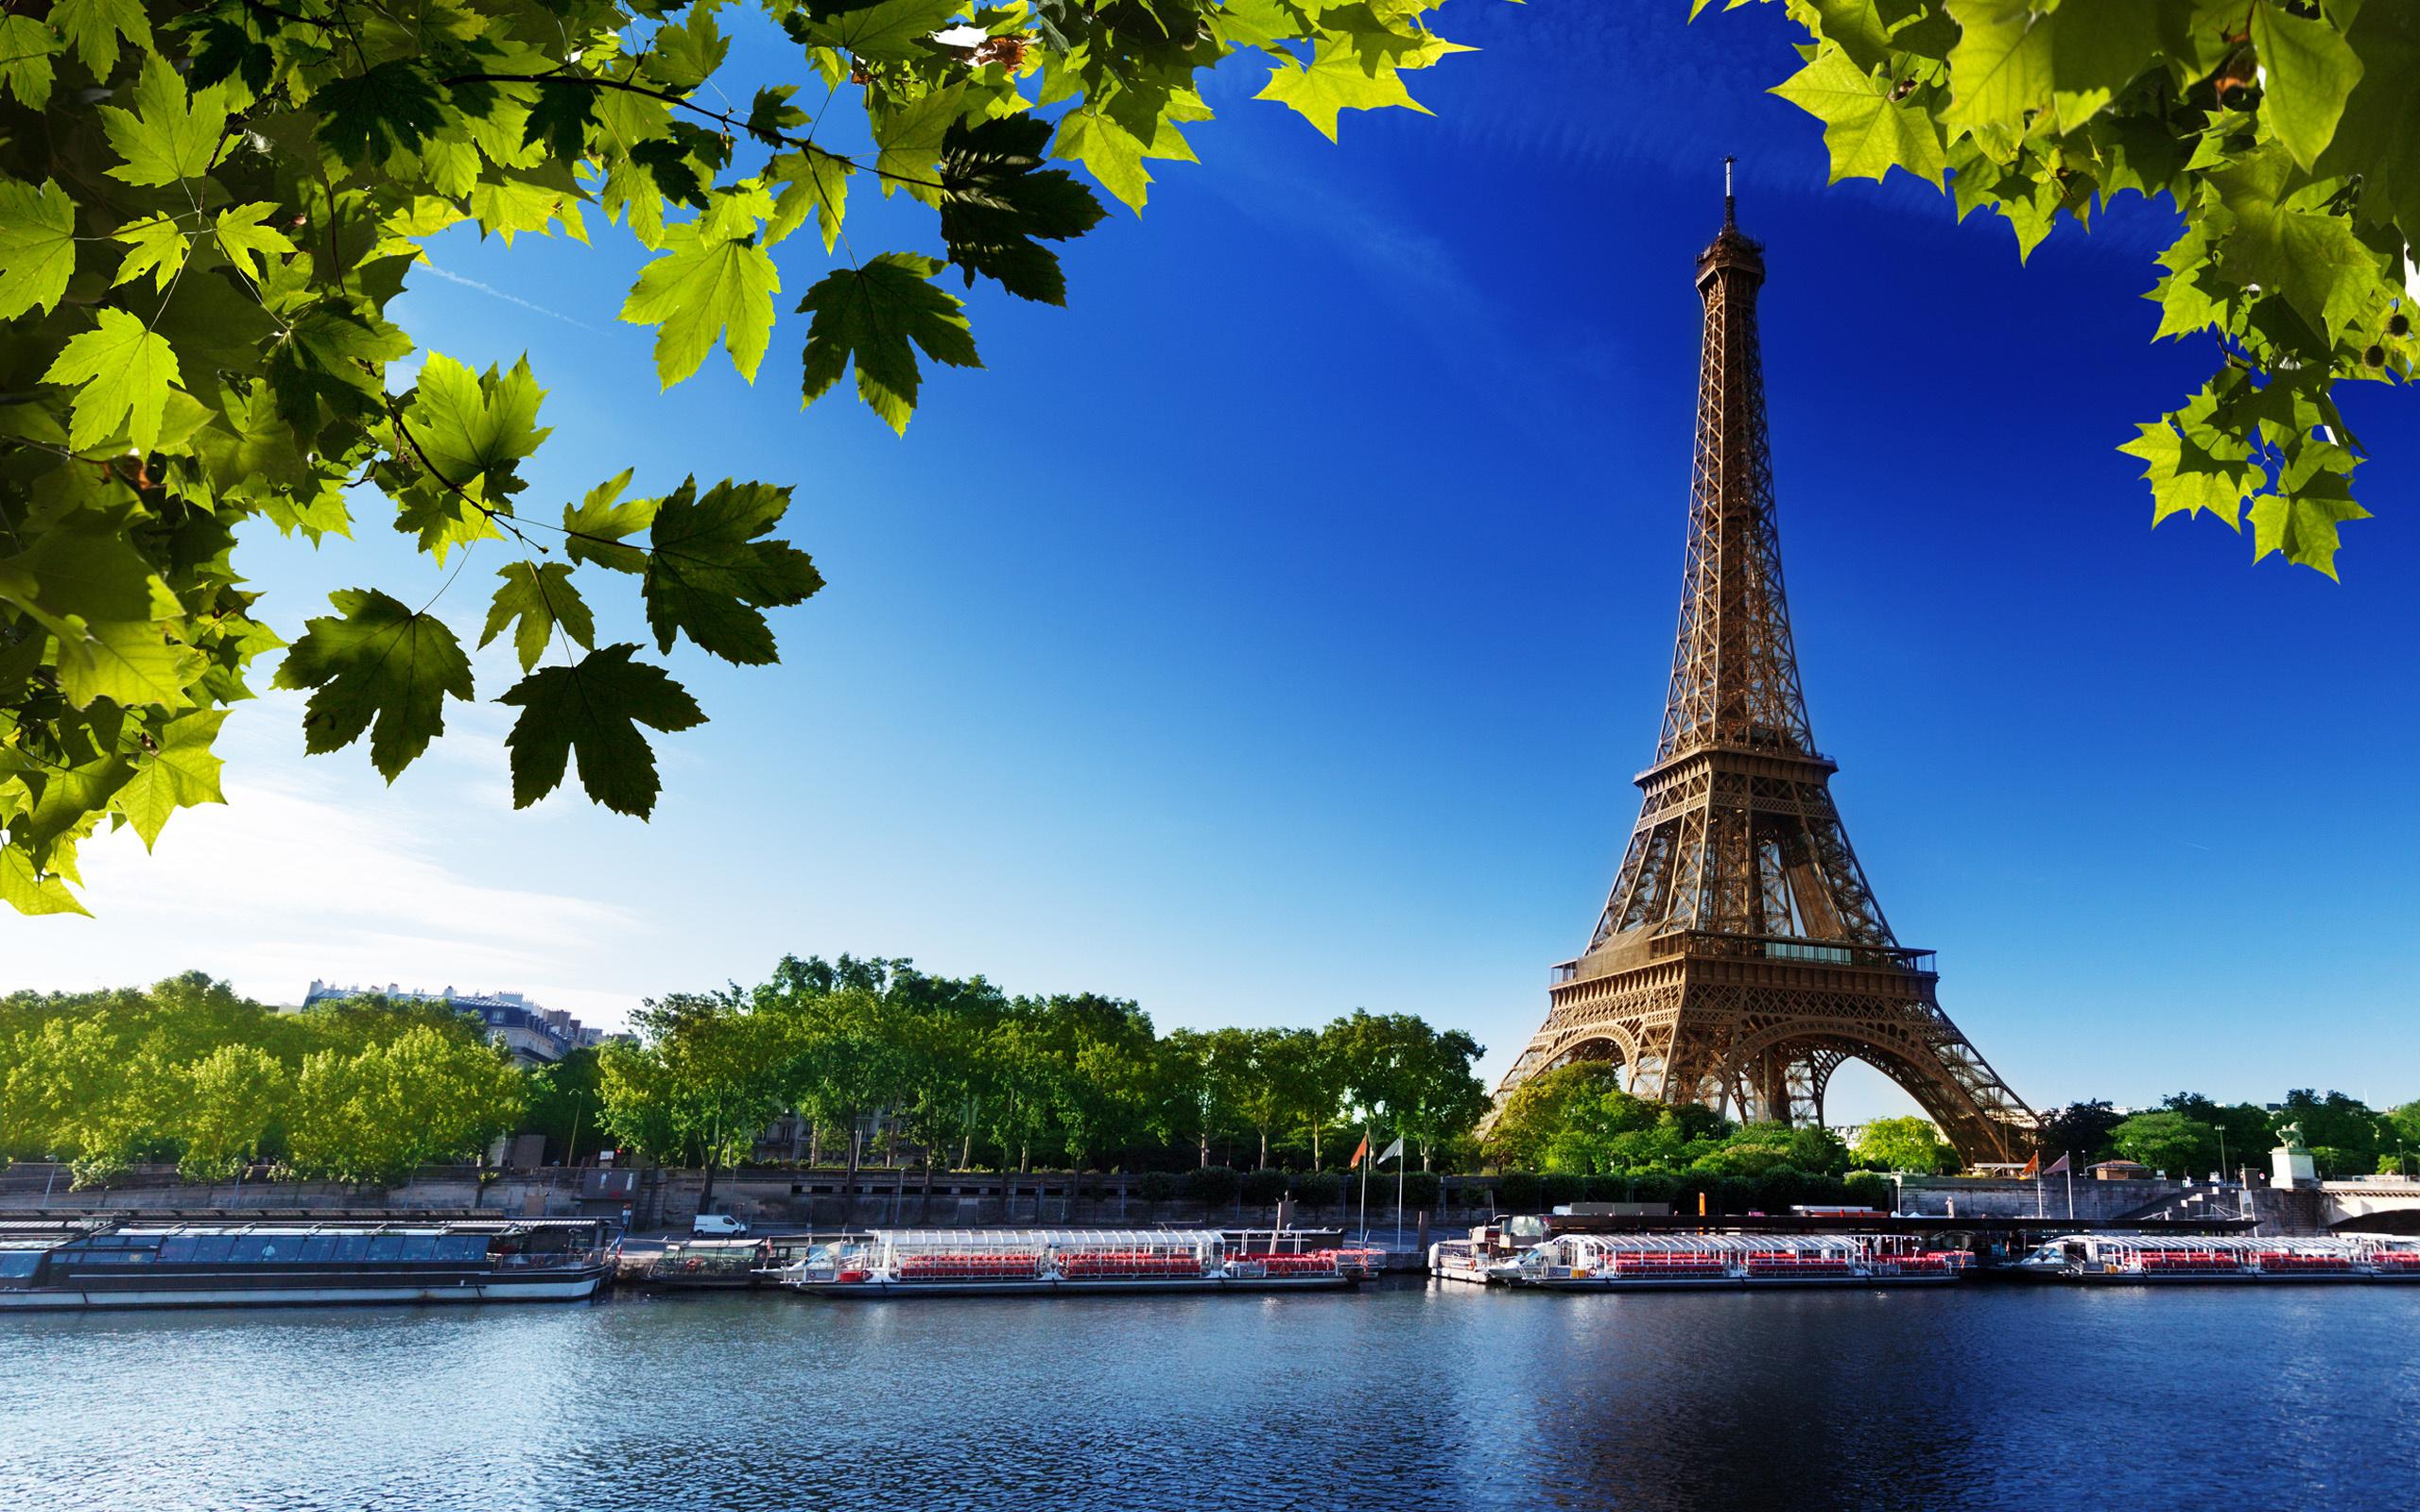 Париж, вид на Эйфелевую башню